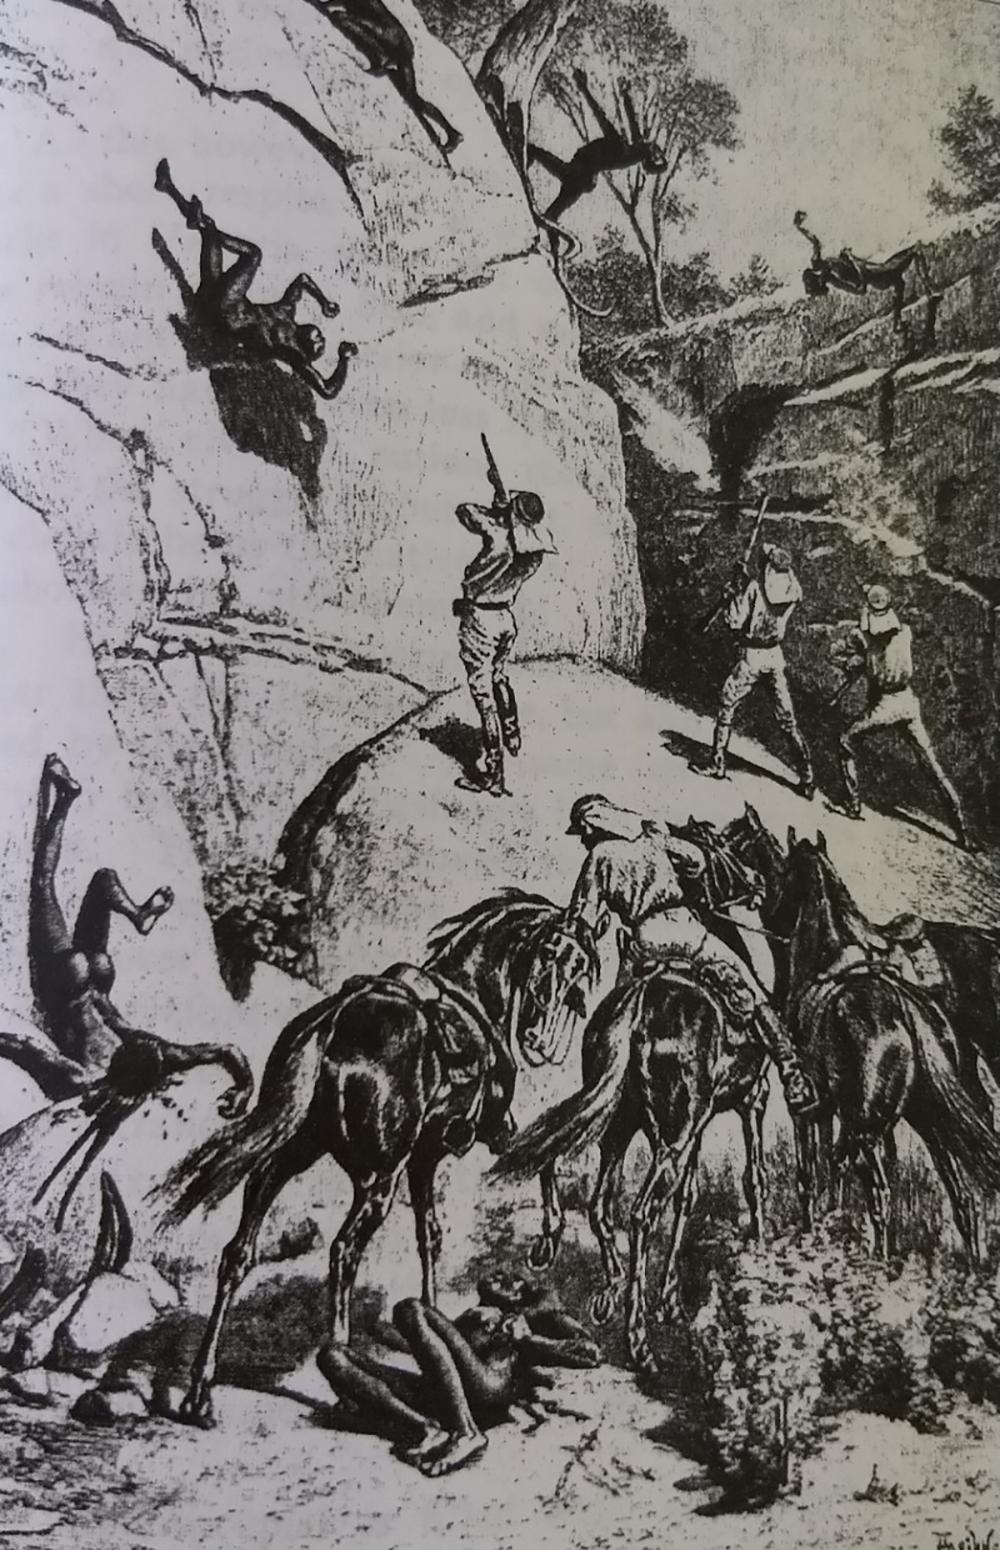 """Les """"dispersions"""" de clans aborigènes relevaient plus de la partie de chasse et même de la séance de tirs que d'une tentative honnête de régler des problèmes entre indigènes et colons."""